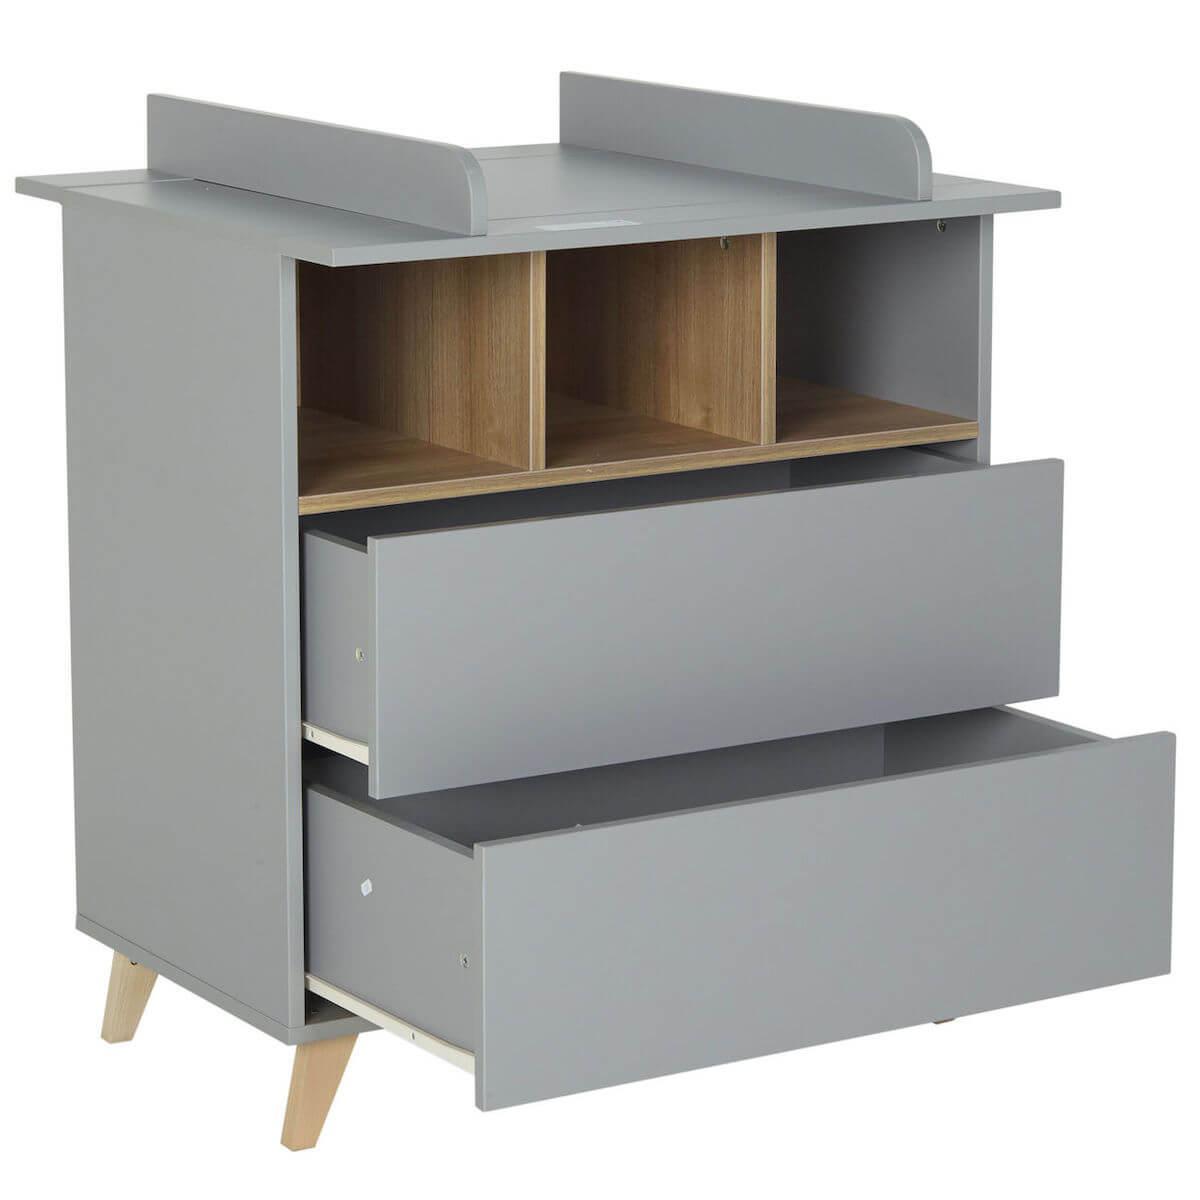 Commode 86x92cm LOFT Quax gris